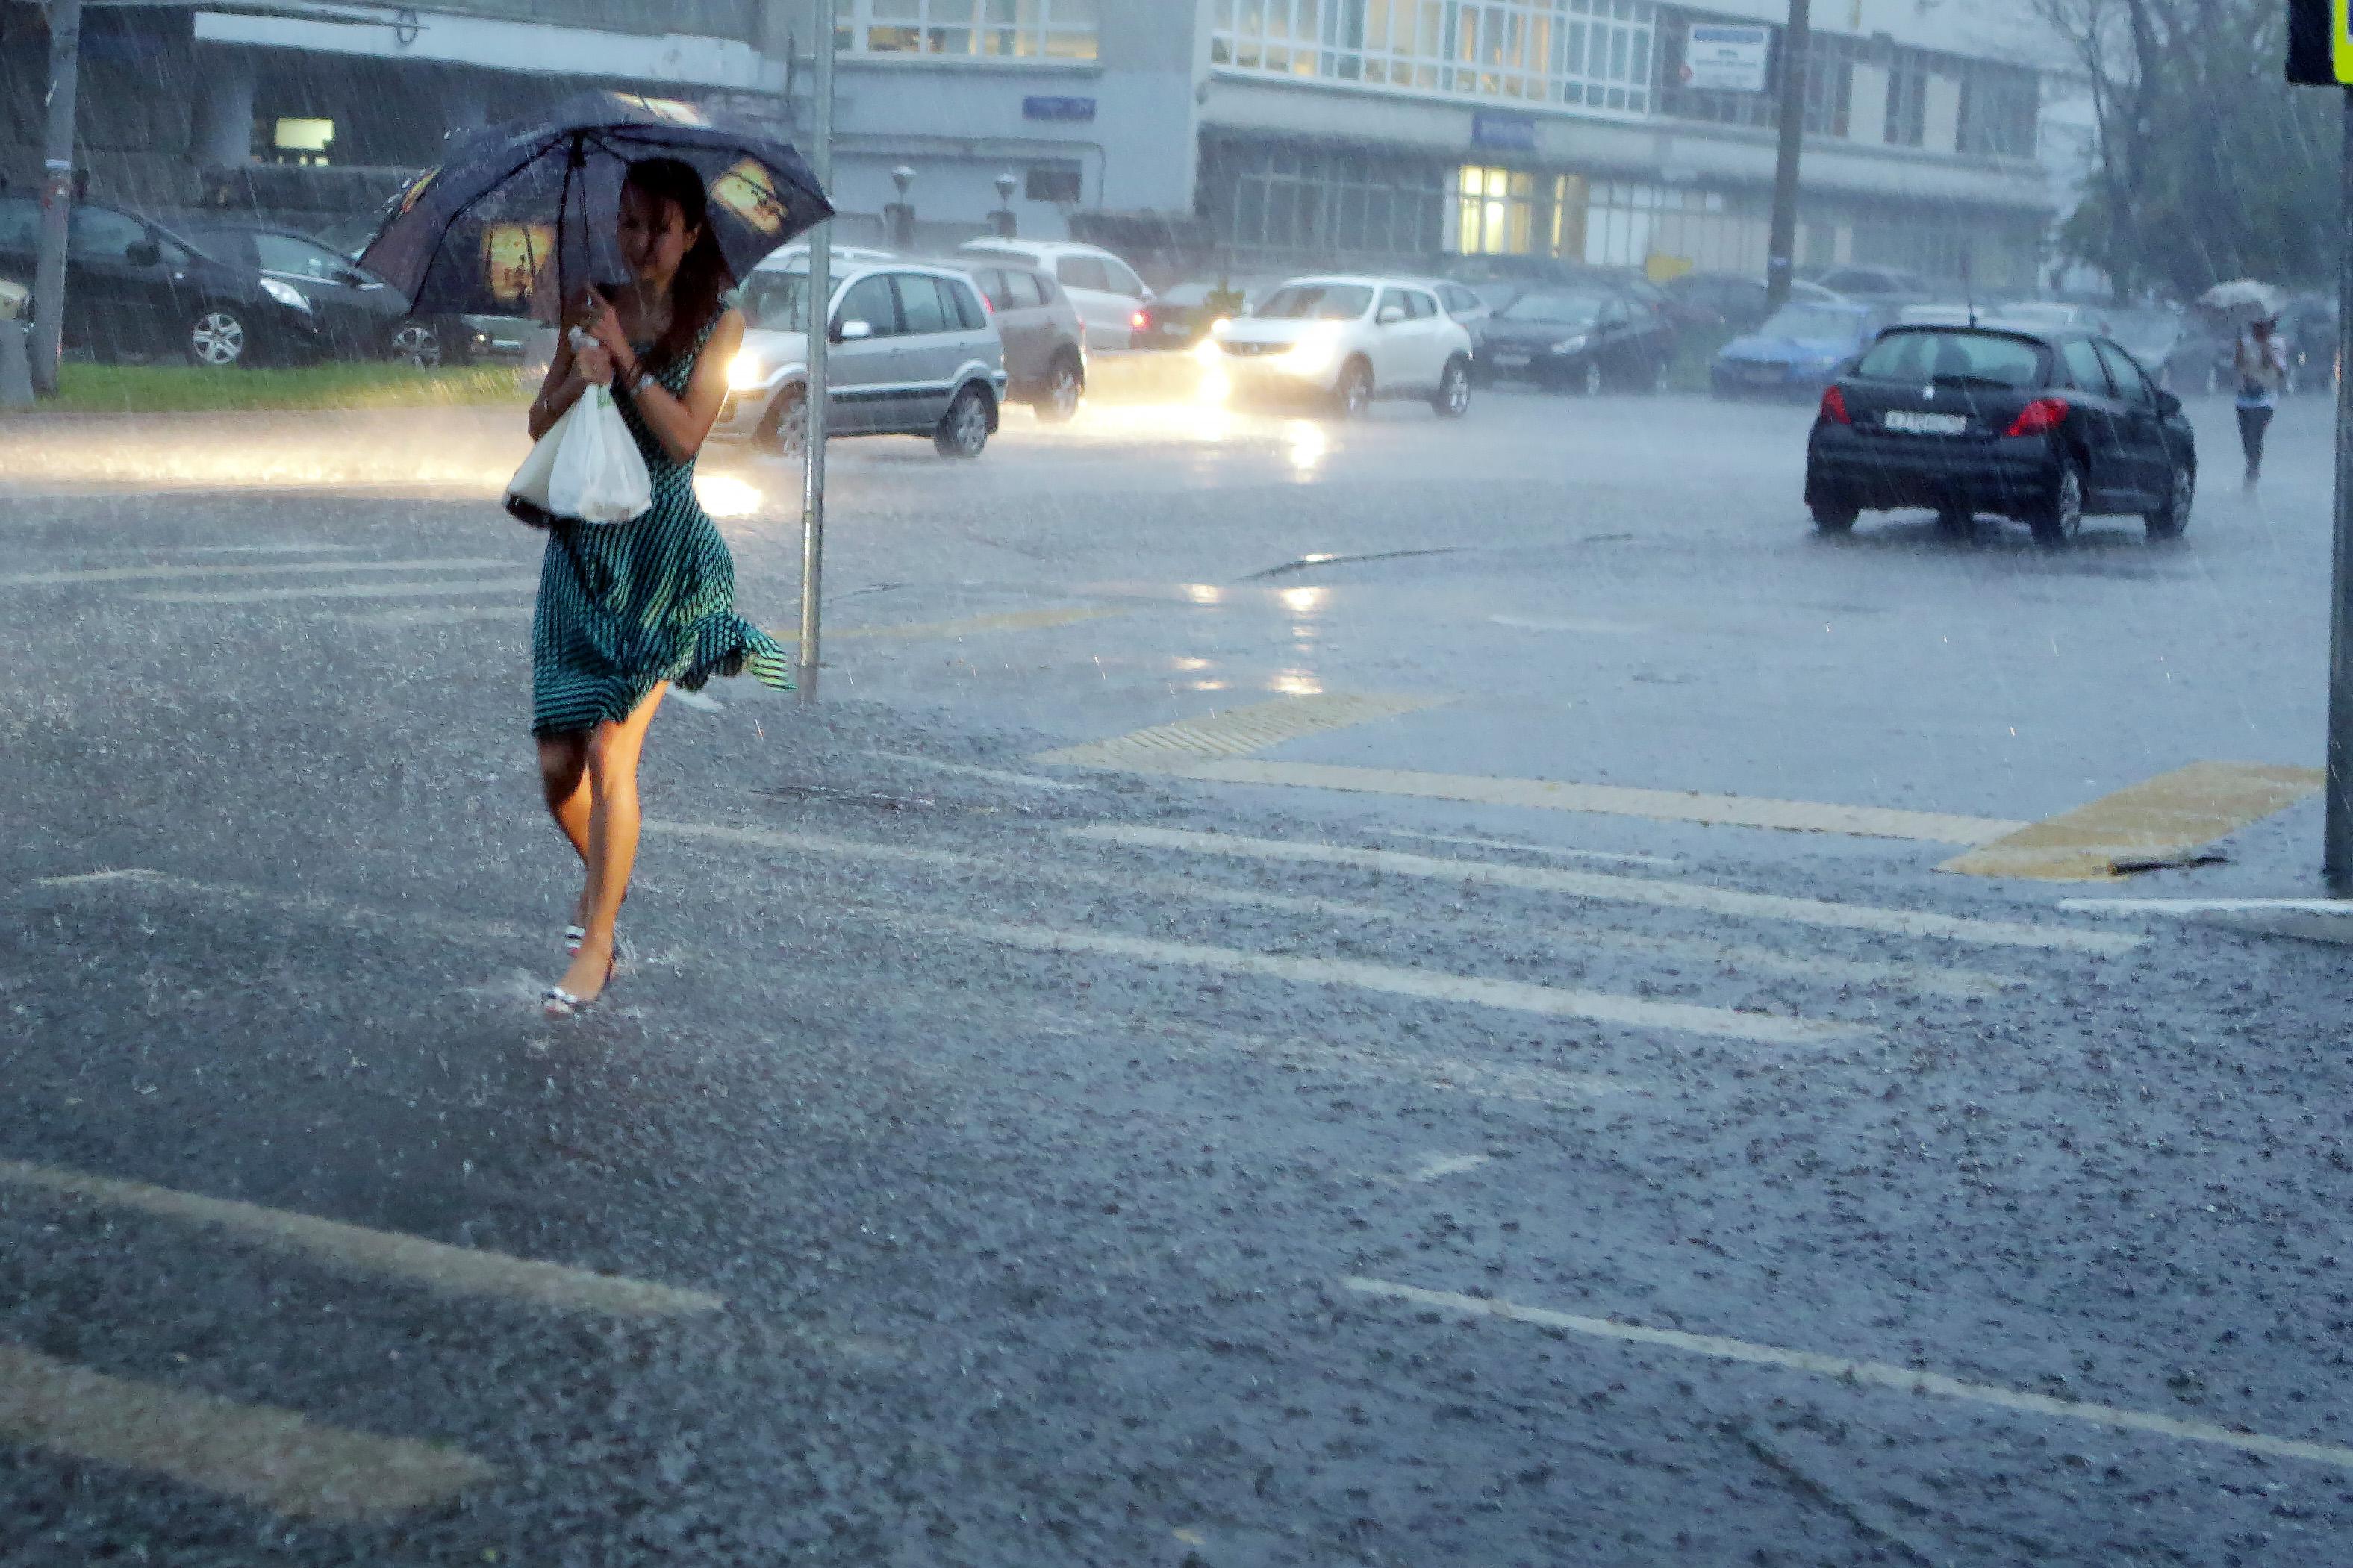 Зонт вновь станет обязательным аксессуаром для прогулок. Фото: Анна Иванцова